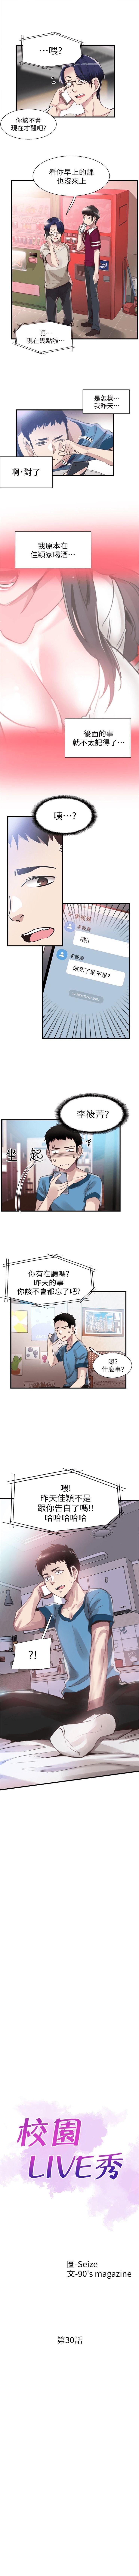 (週7)校園live秀 1-50 中文翻譯(更新中) 208